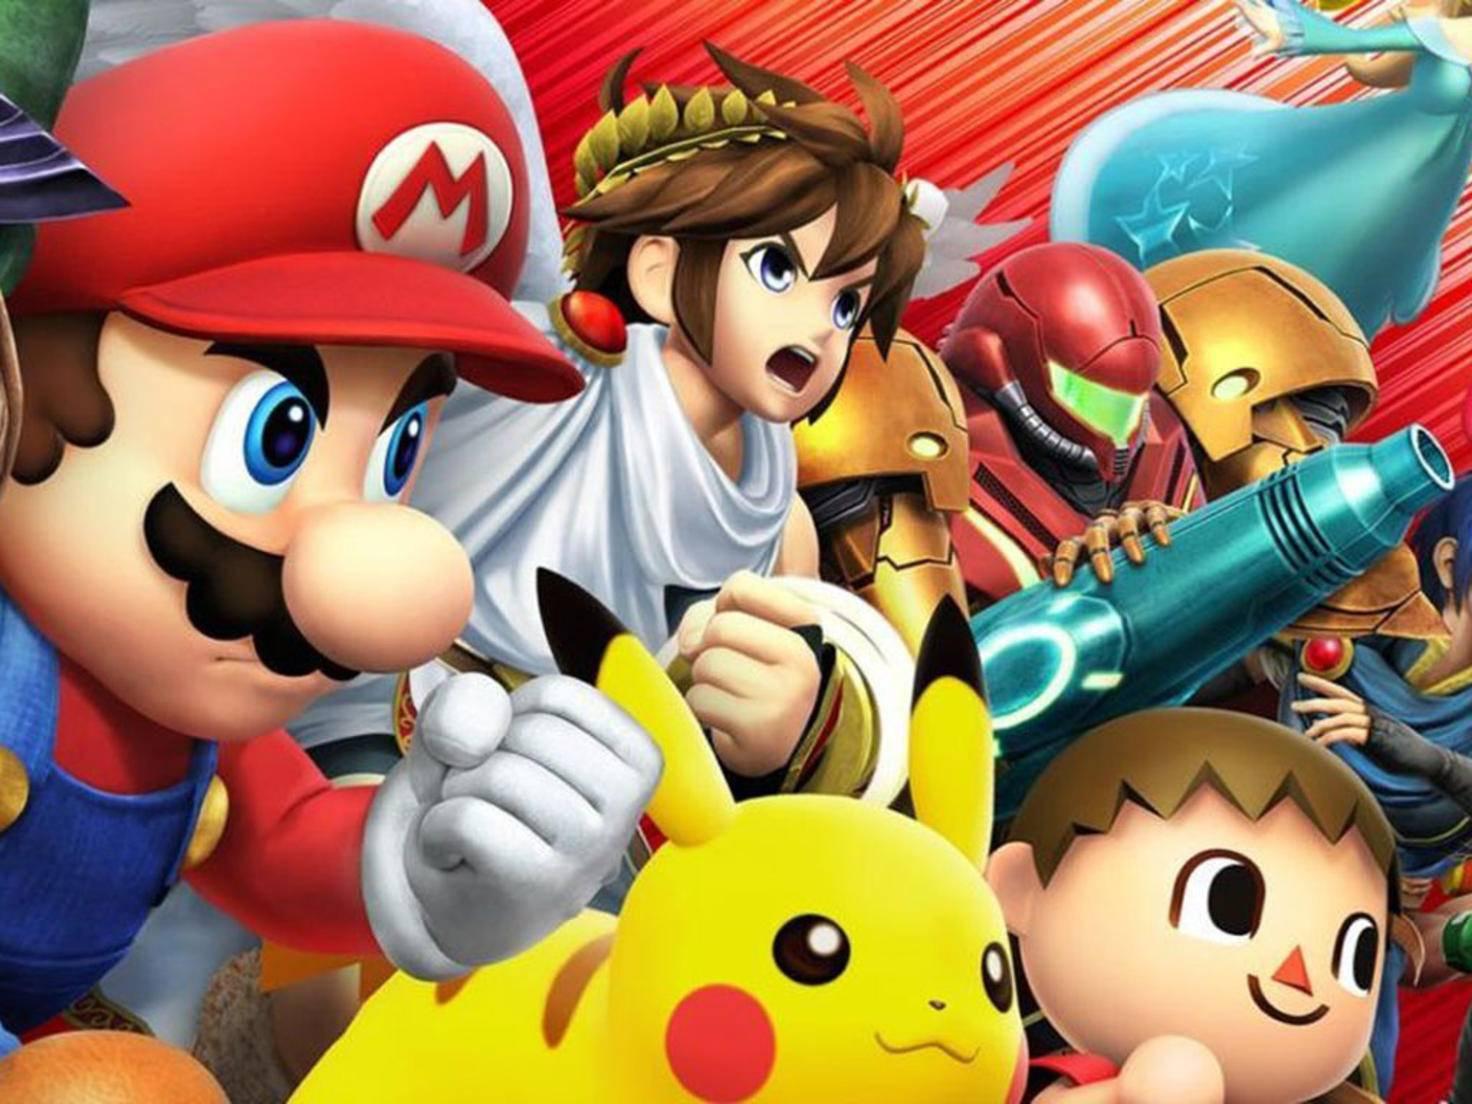 Super Smash Bros. Nintendo NX